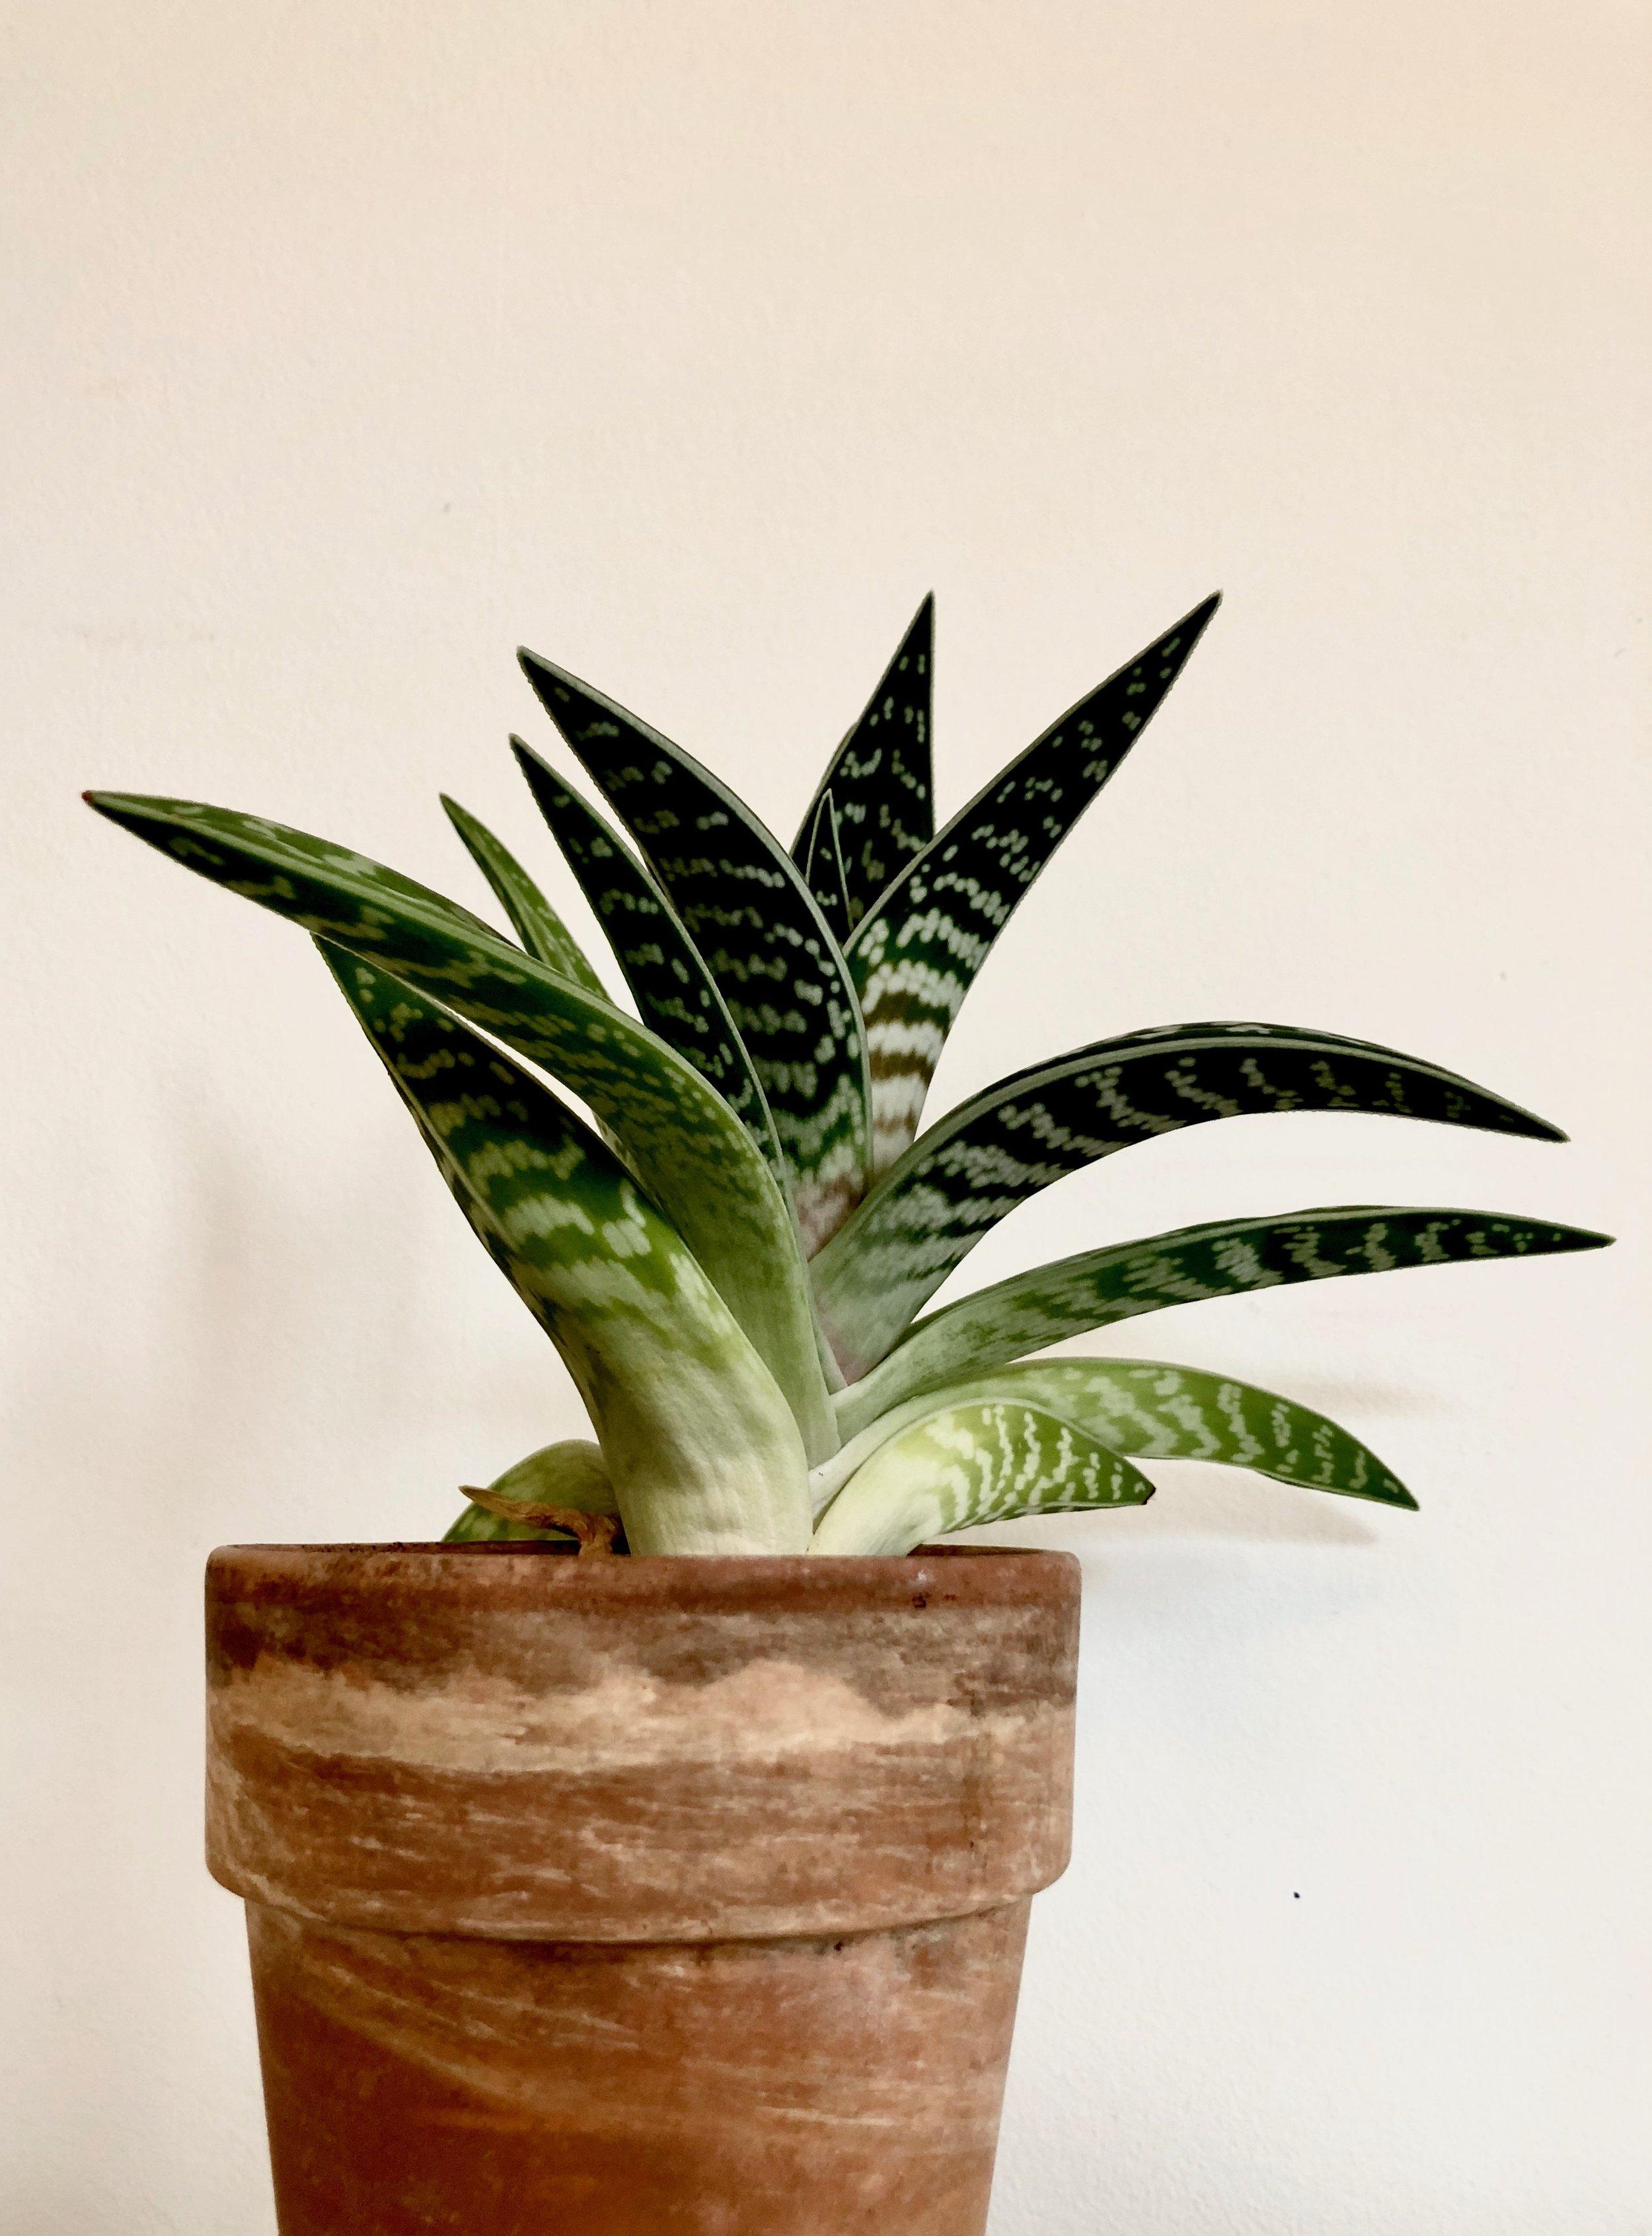 Aloe vera er blandt de planter, der er blevet testet. En særlig feature ved Aloe vera er, at dens stomata er åbne om natten (modsat mange andre planters), og den laver derfor fotosyntese, mens vi sover - og anbefales (nok især af folk der sælger planter) til soveværelset, fordi den producerer frisk luft om natten.